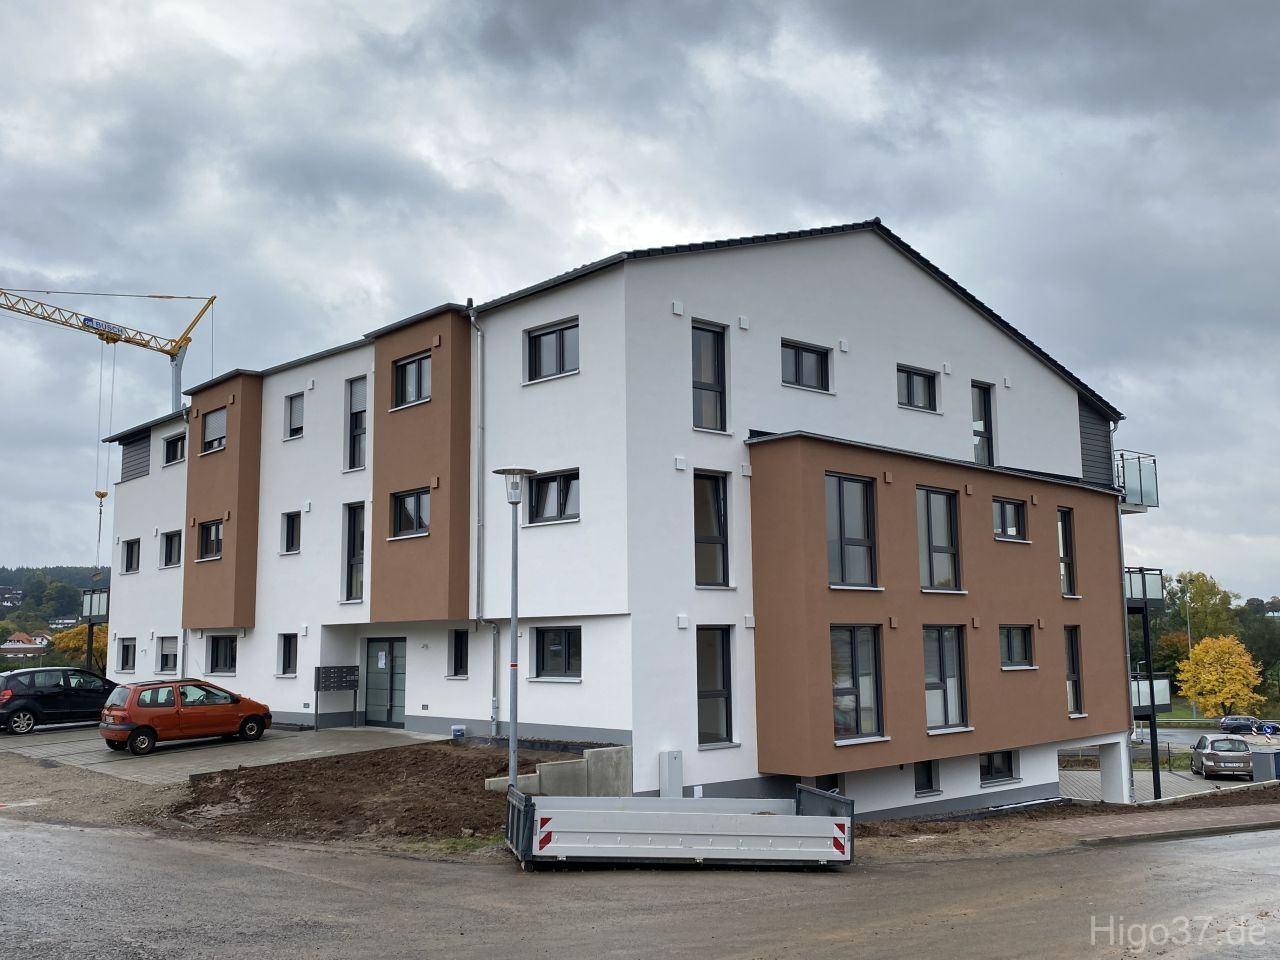 Neubau Mehrfamilienhaus mit 12 WE in Reinhausen 2021